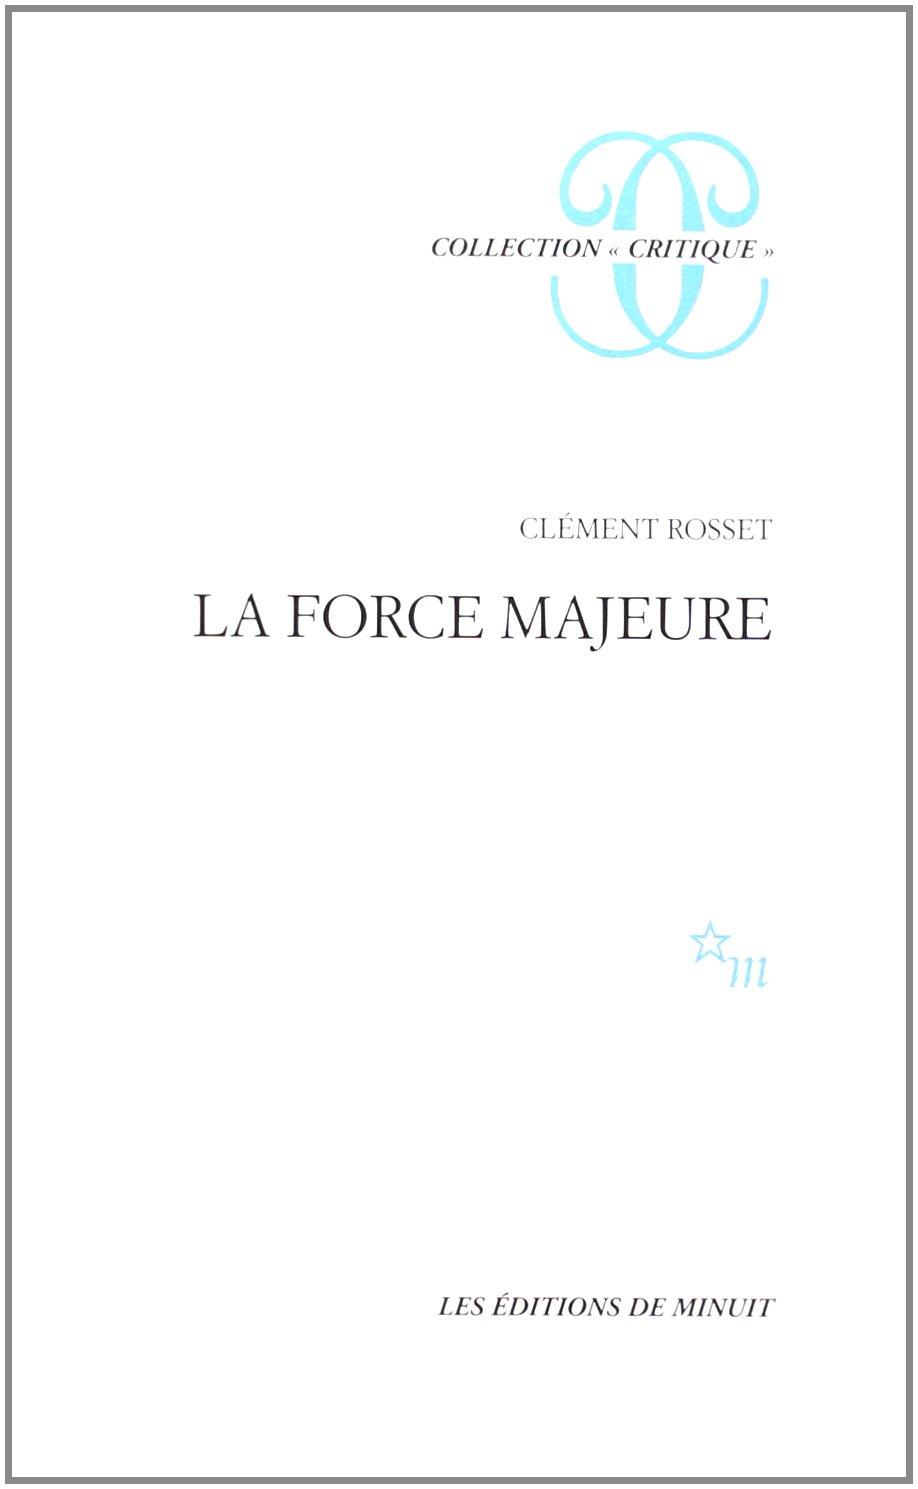 La Force majeure - Clément Rosset